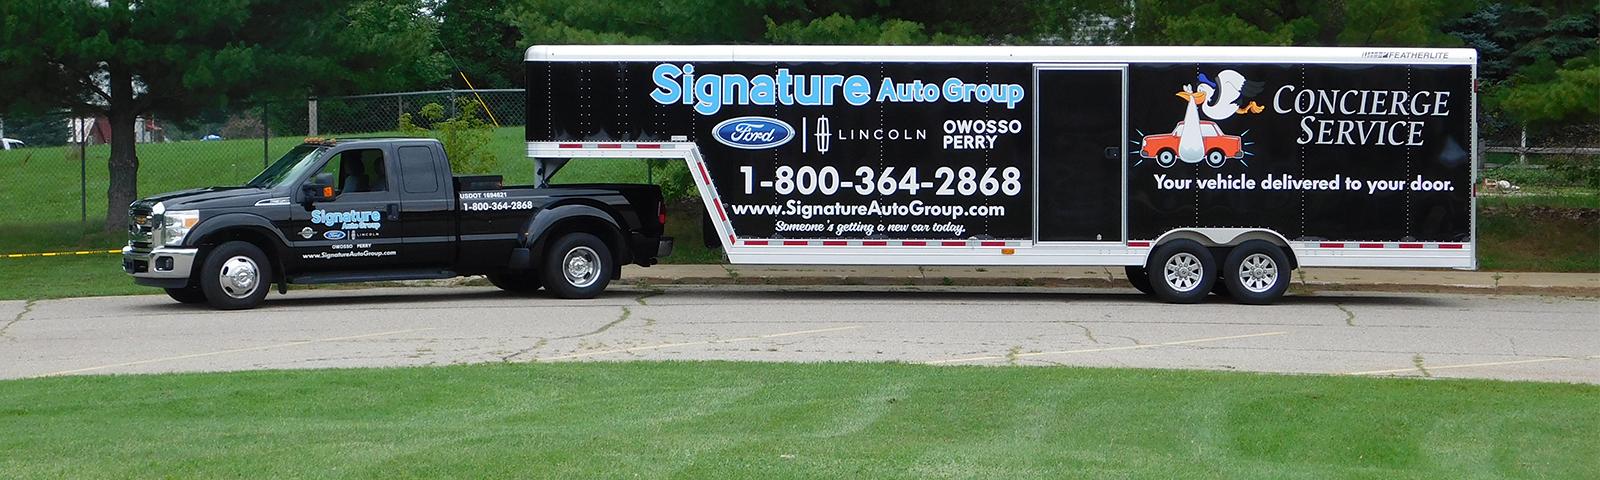 Signature Auto Delivery Truck